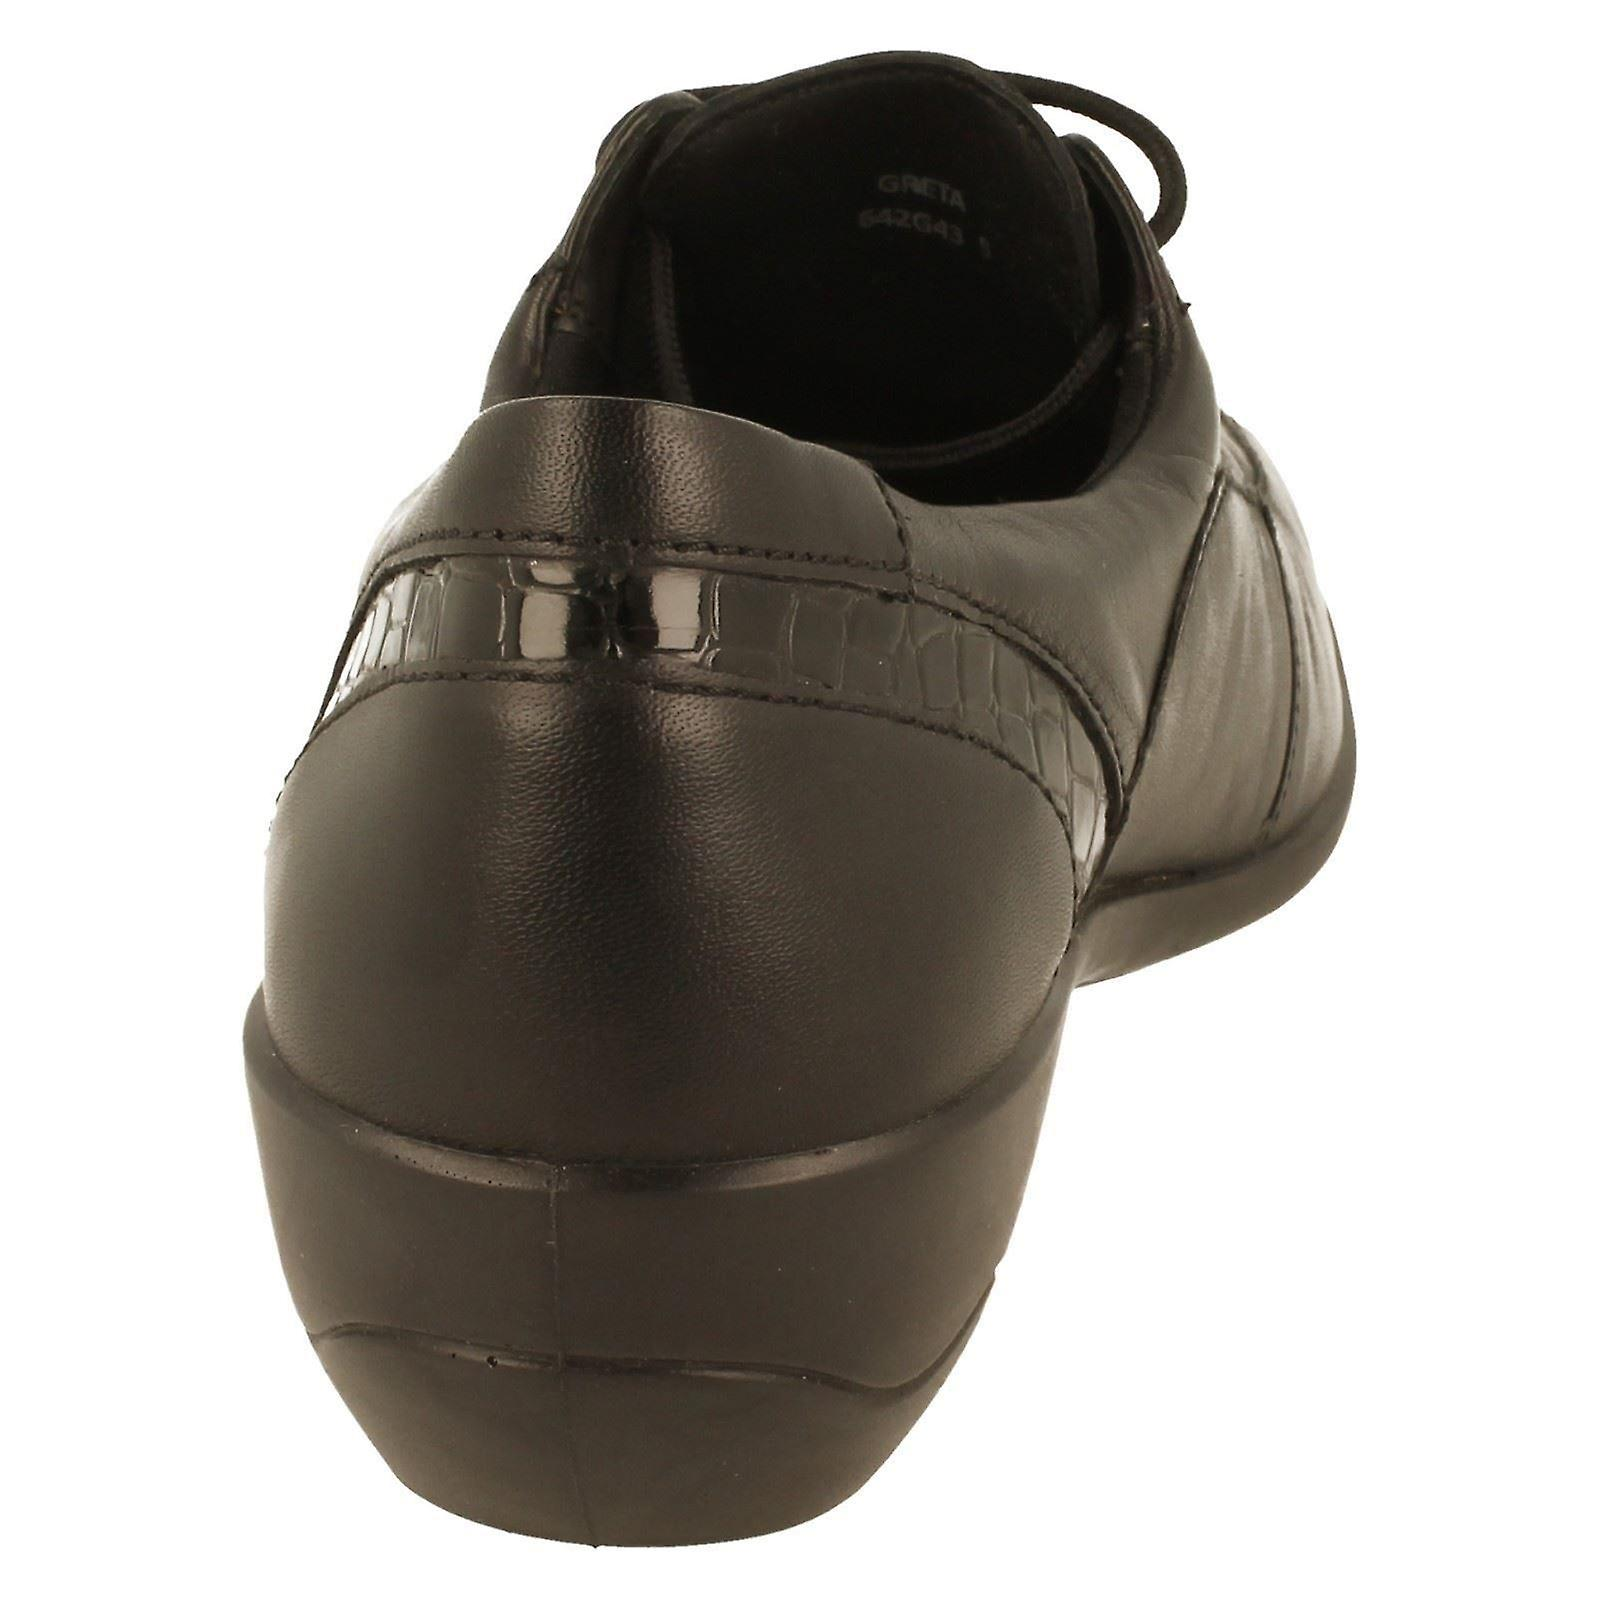 Ladies Padders Extra Wide Fitting Low Heel Shoe Greta - Gratis verzending o6g7FU